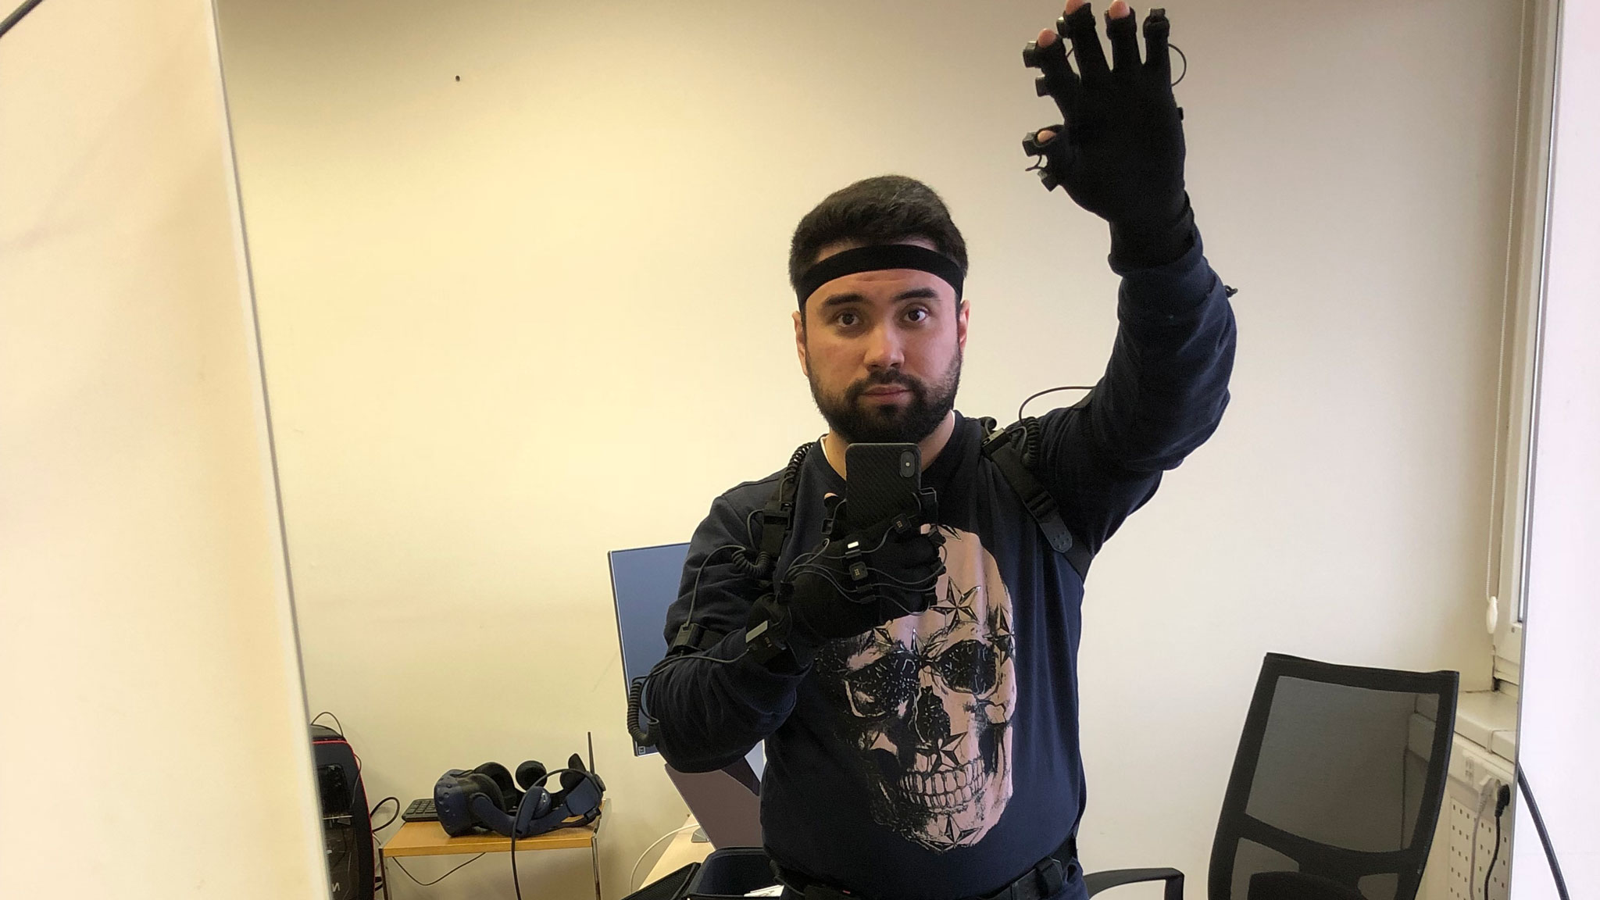 Руководитель центра разработки экспериментальных проектов ДалерФатыхов вкостюме motion capture, который помогает захватывать движения ипроектировать ихввиртуальной реальности